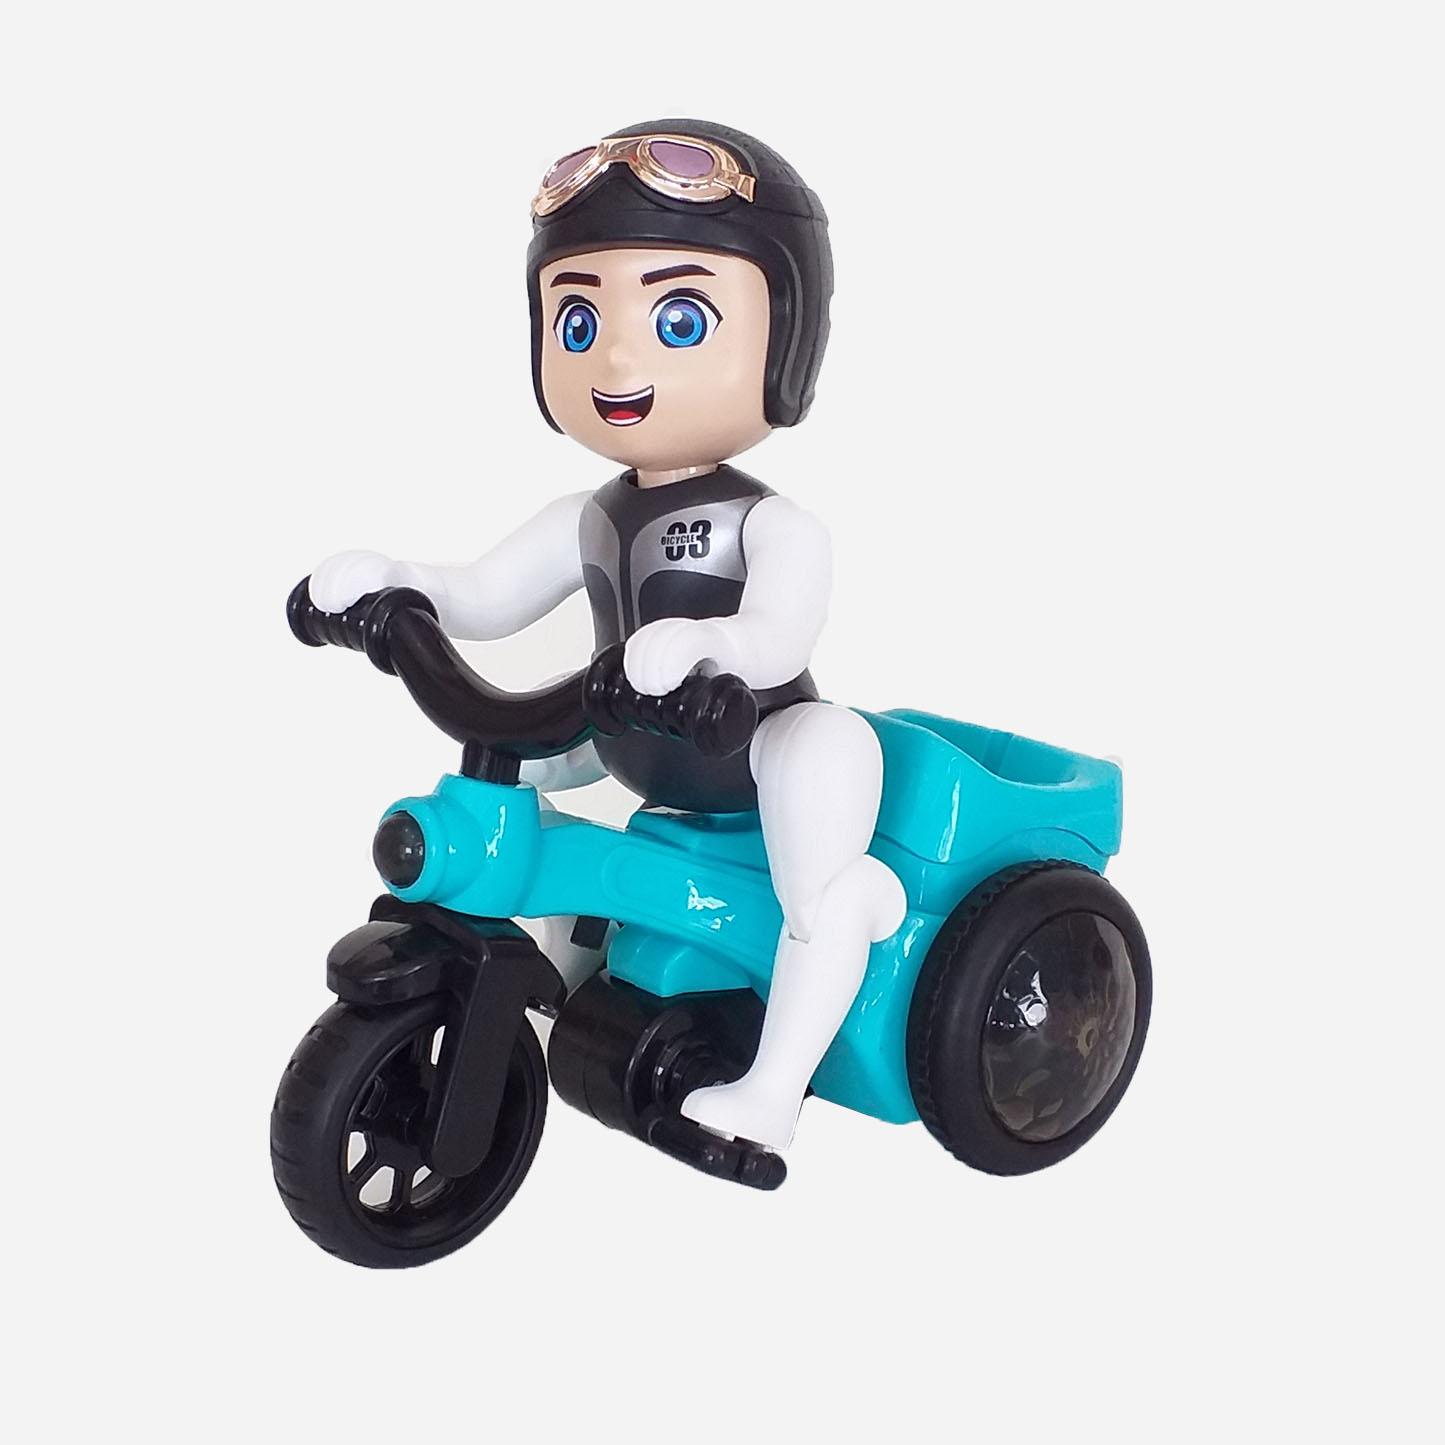 اسباب بازی زینتی مدل دوچرخه سوار